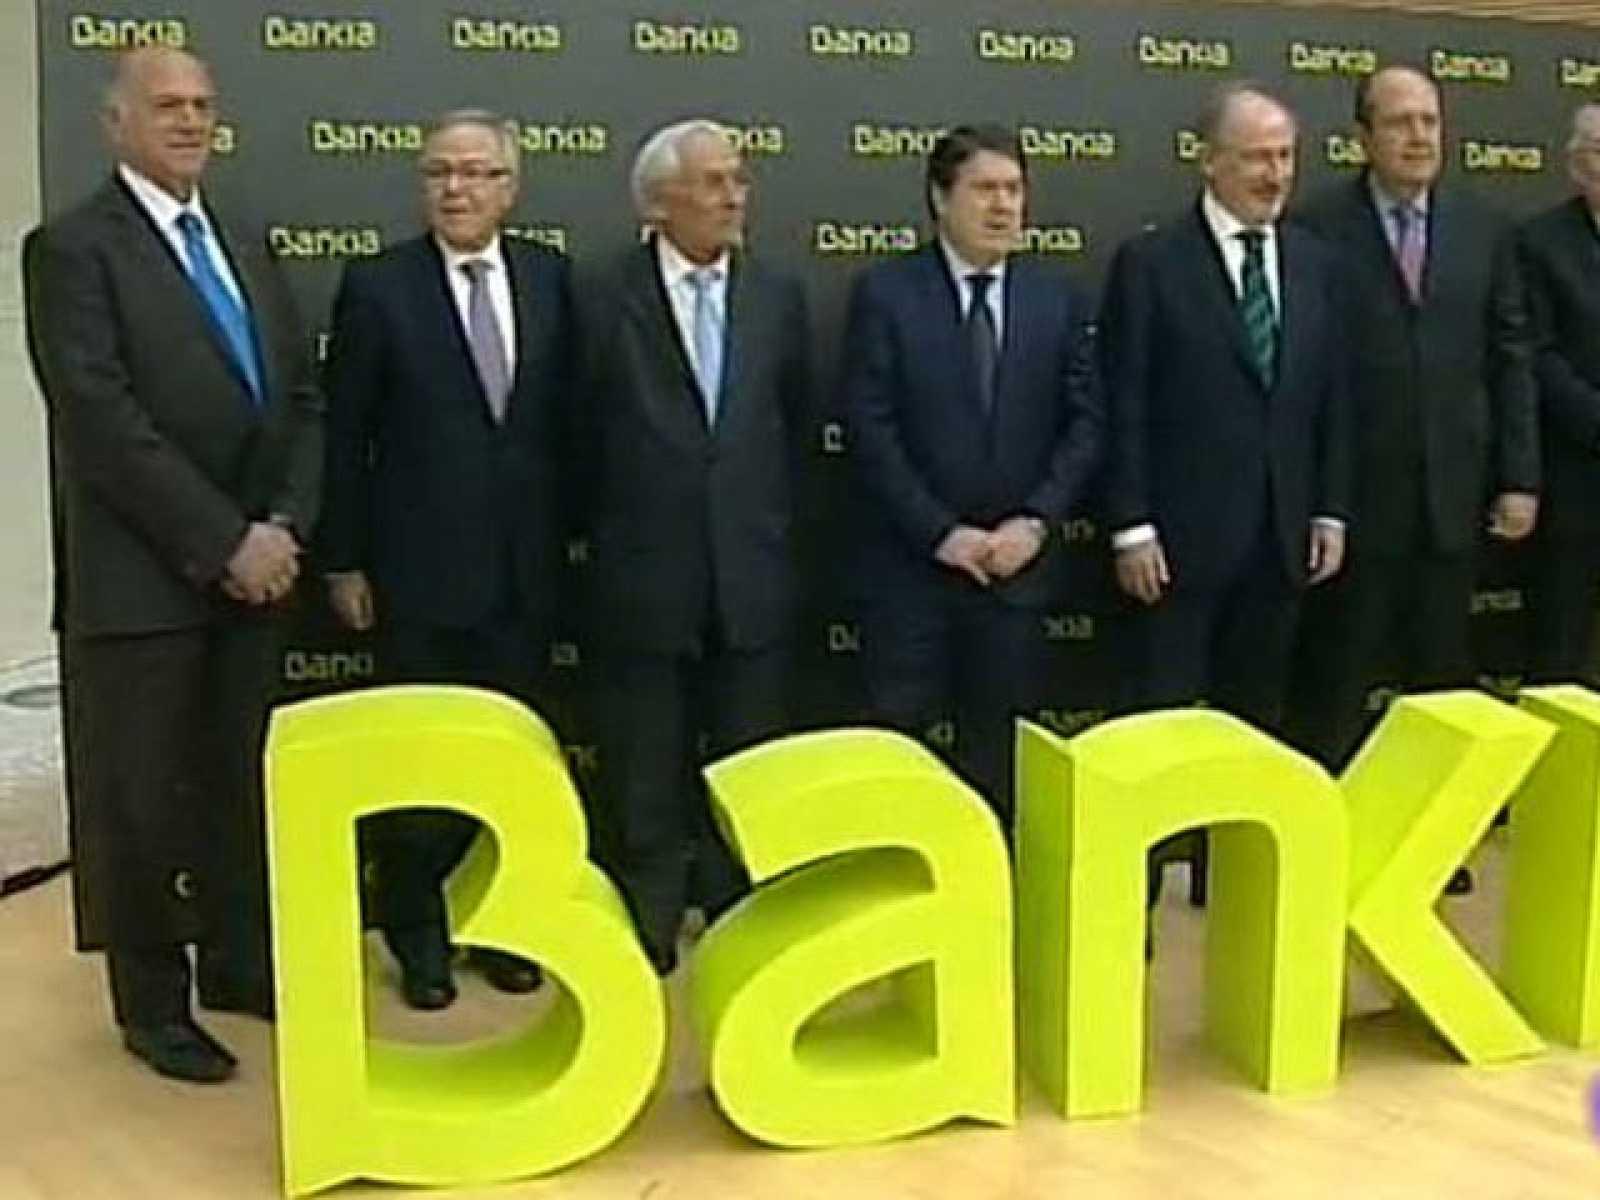 El consejo de administraci n de bankia aprueba su salida a for Bankia oficina internet entrar directo